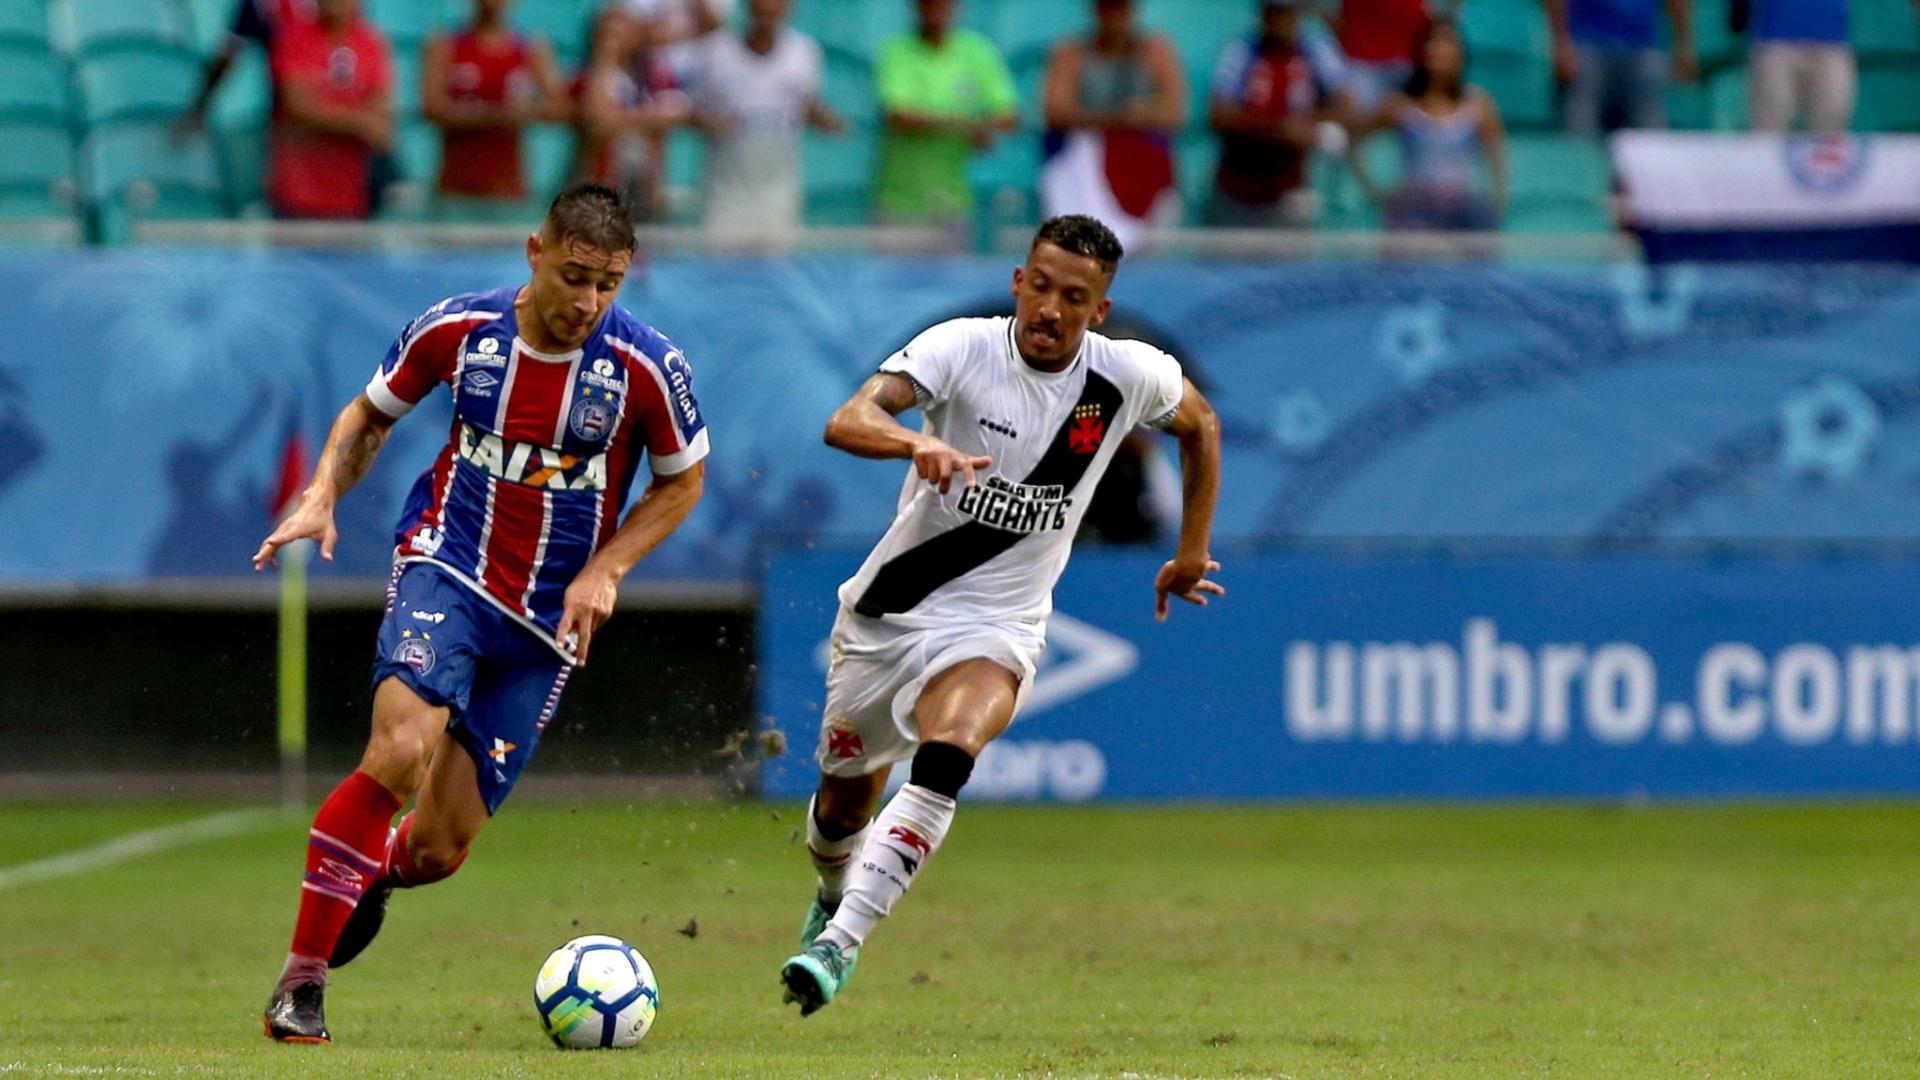 Jogadores de Bahia e Vasco disputam bola em partida do Campeonato Brasileiro